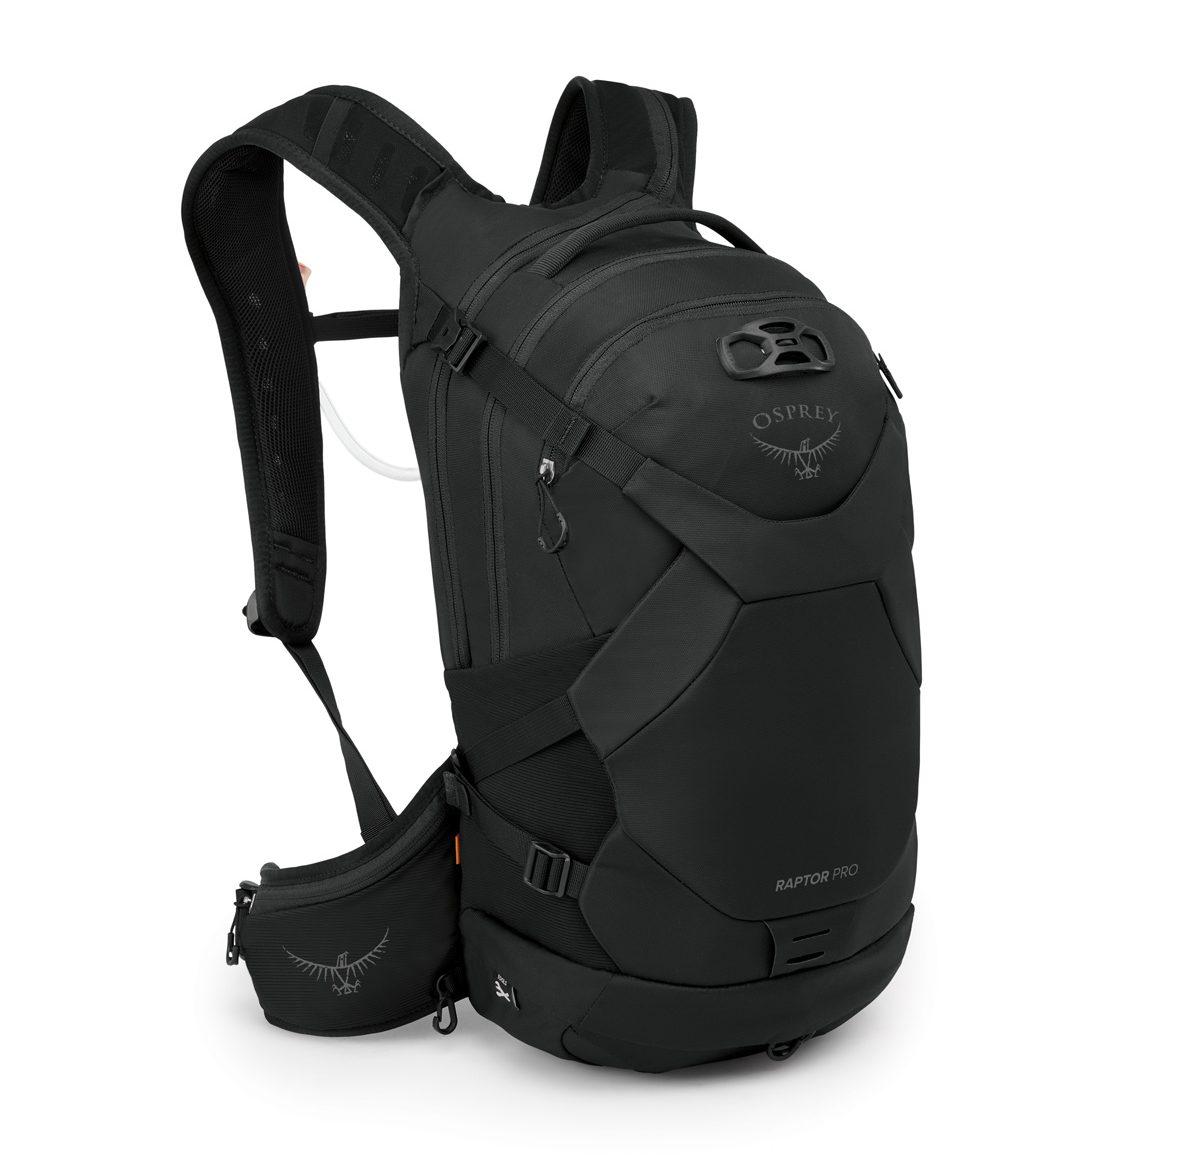 Osprey Raptor Pro Pack - front